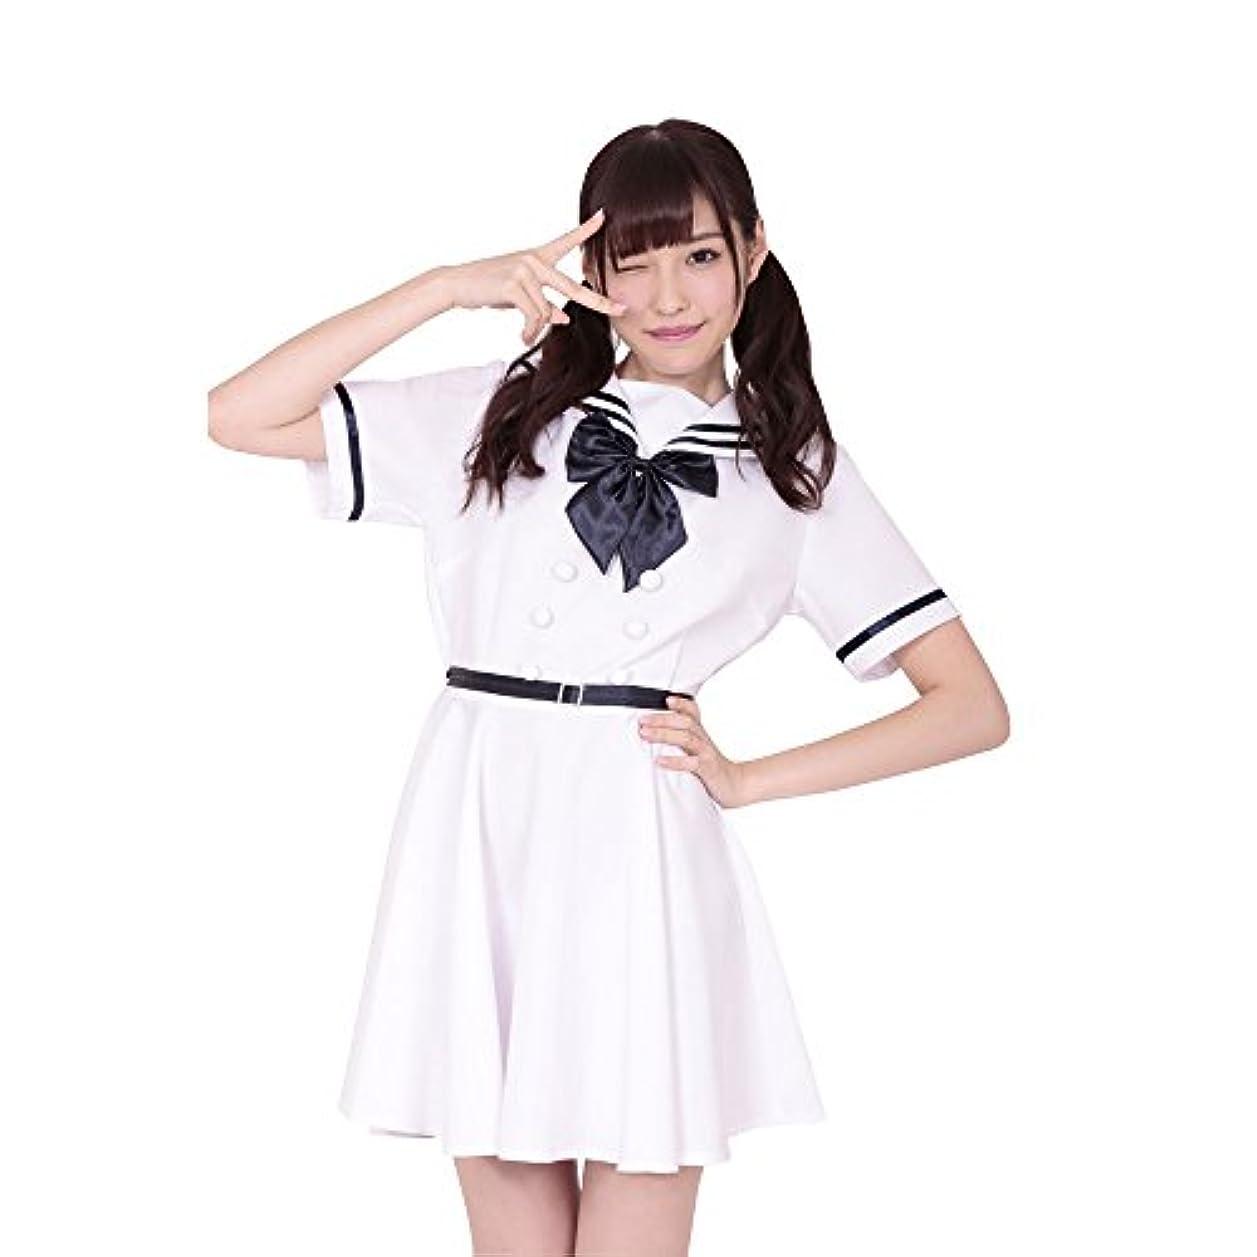 小さな変数高架【A&T】 君の名は 白制服/真っ白な制服でアイドル気分? コスチューム レディース